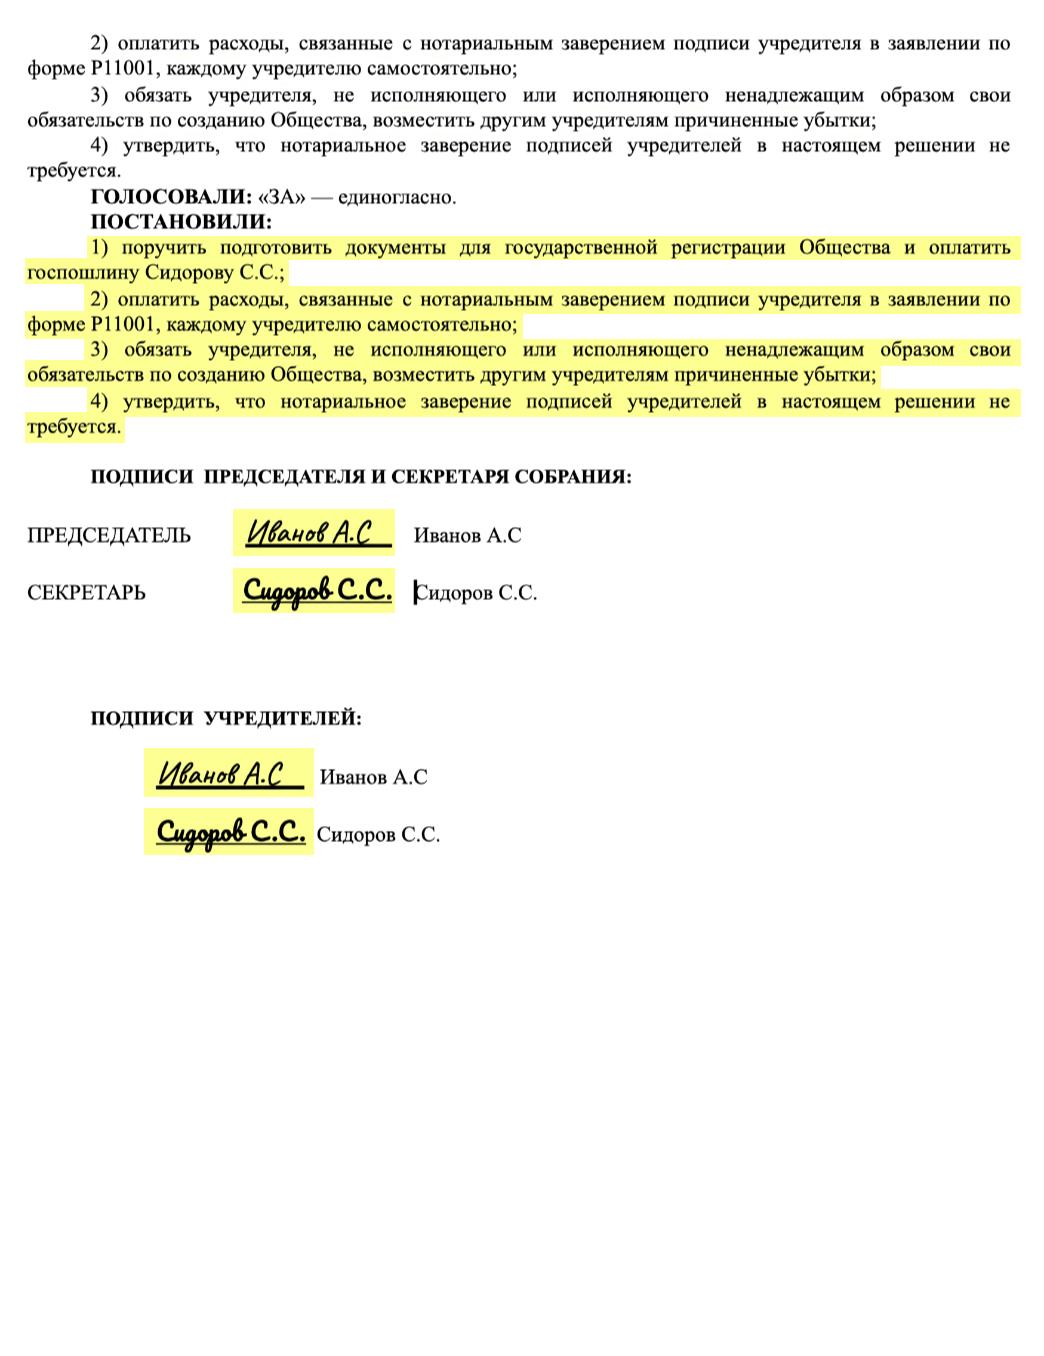 Образец протокола общего собрания учредителей